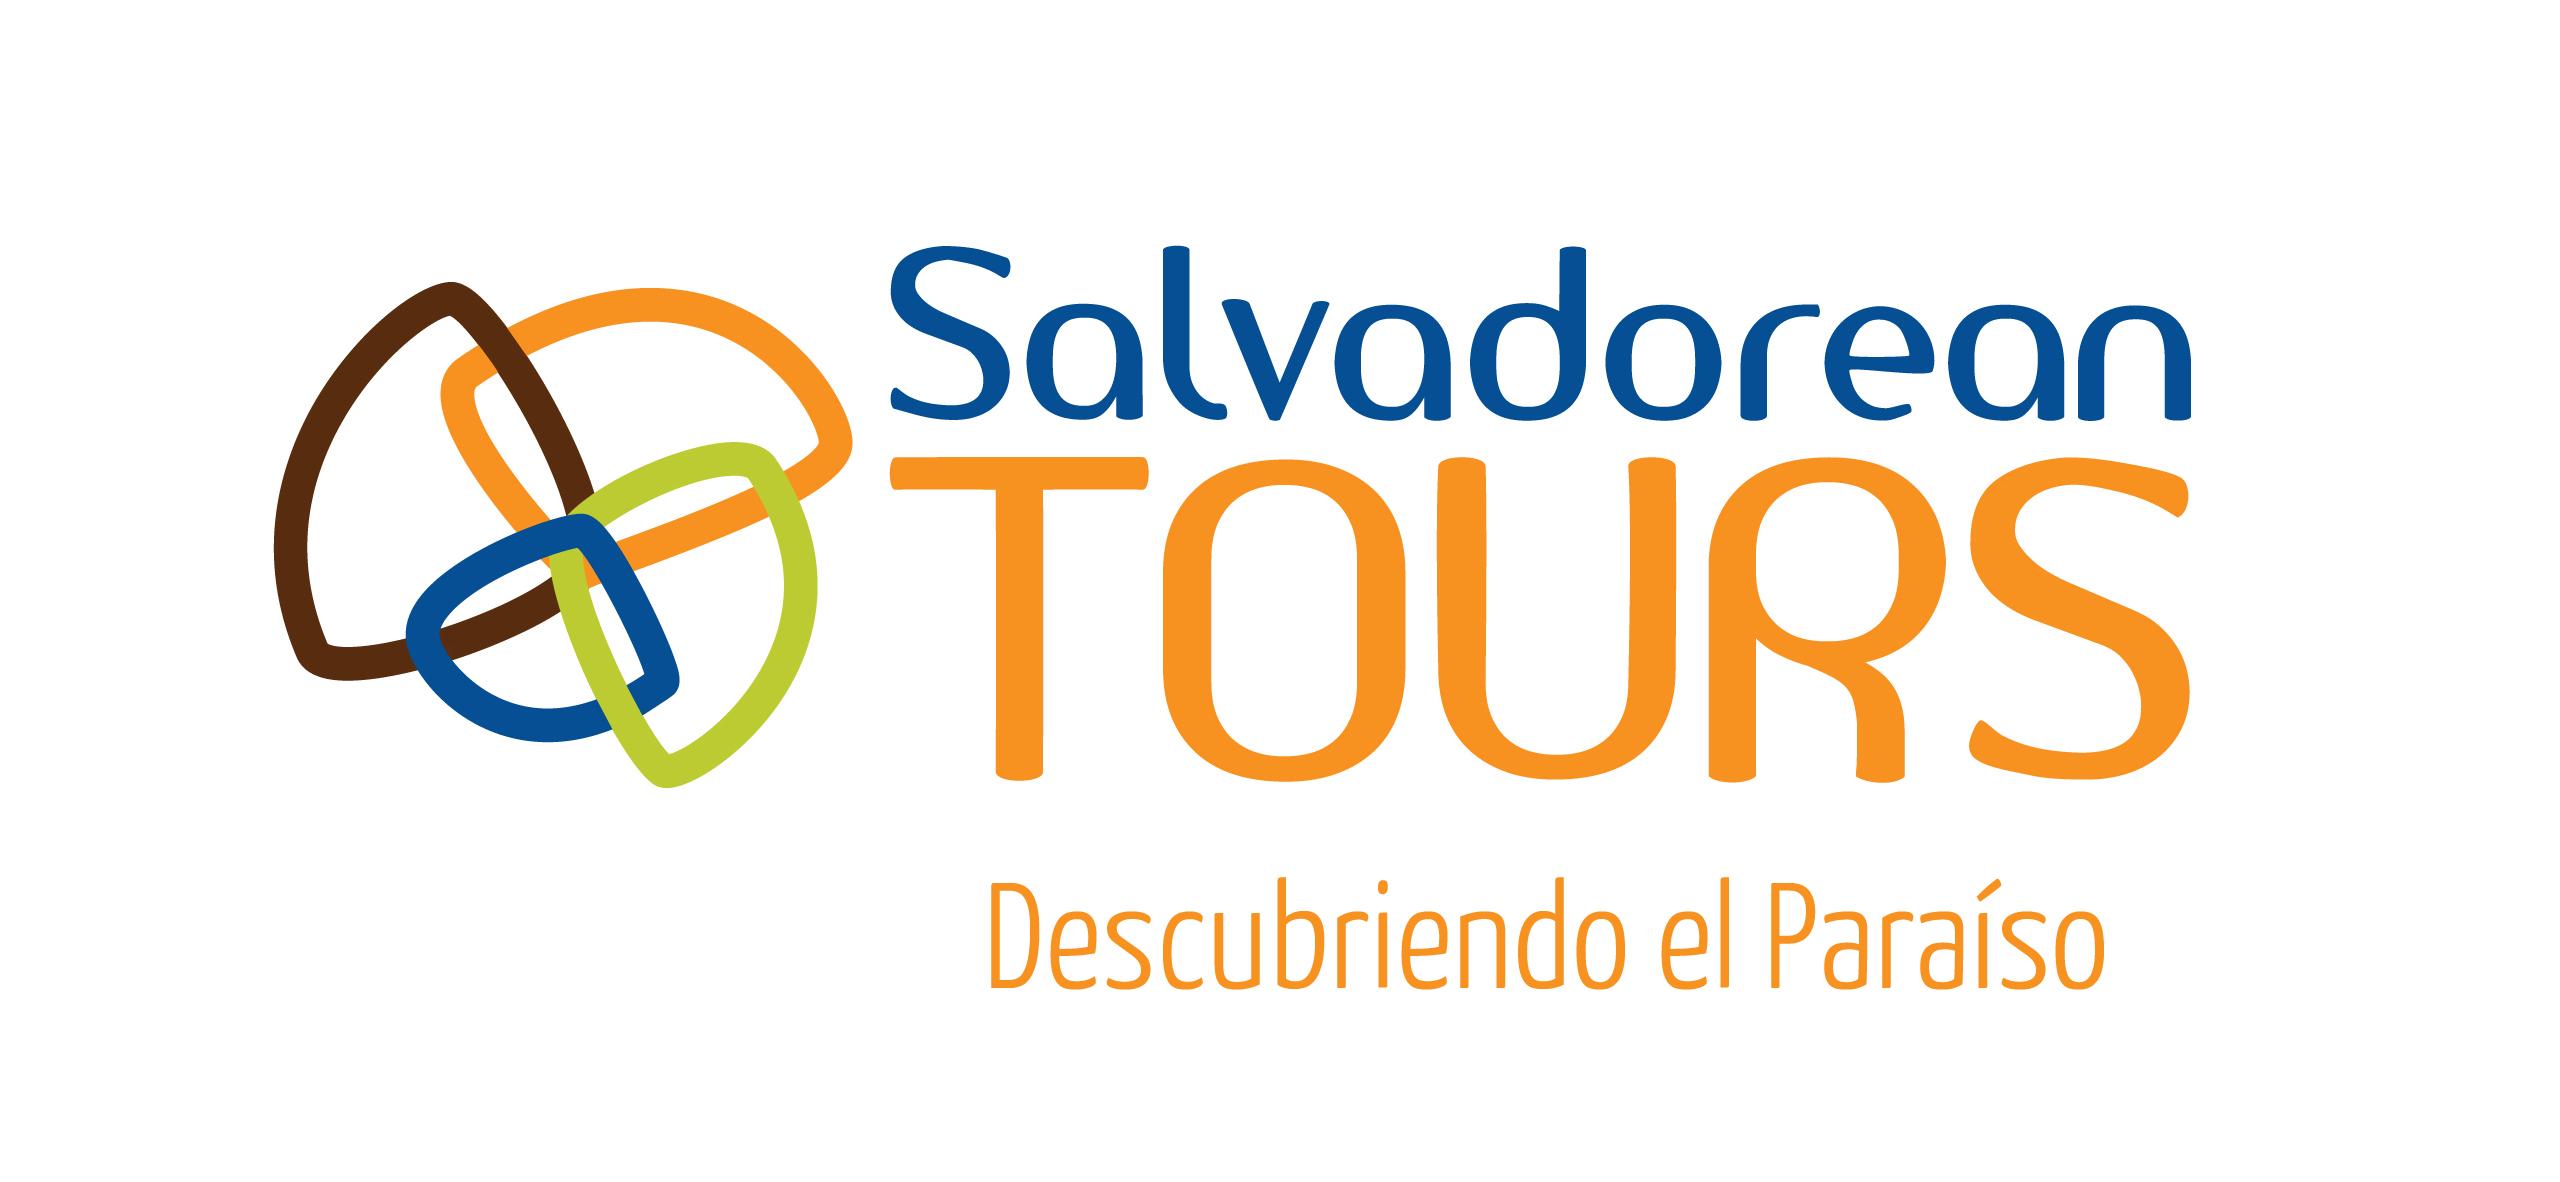 Logo-St-Eslogan-2